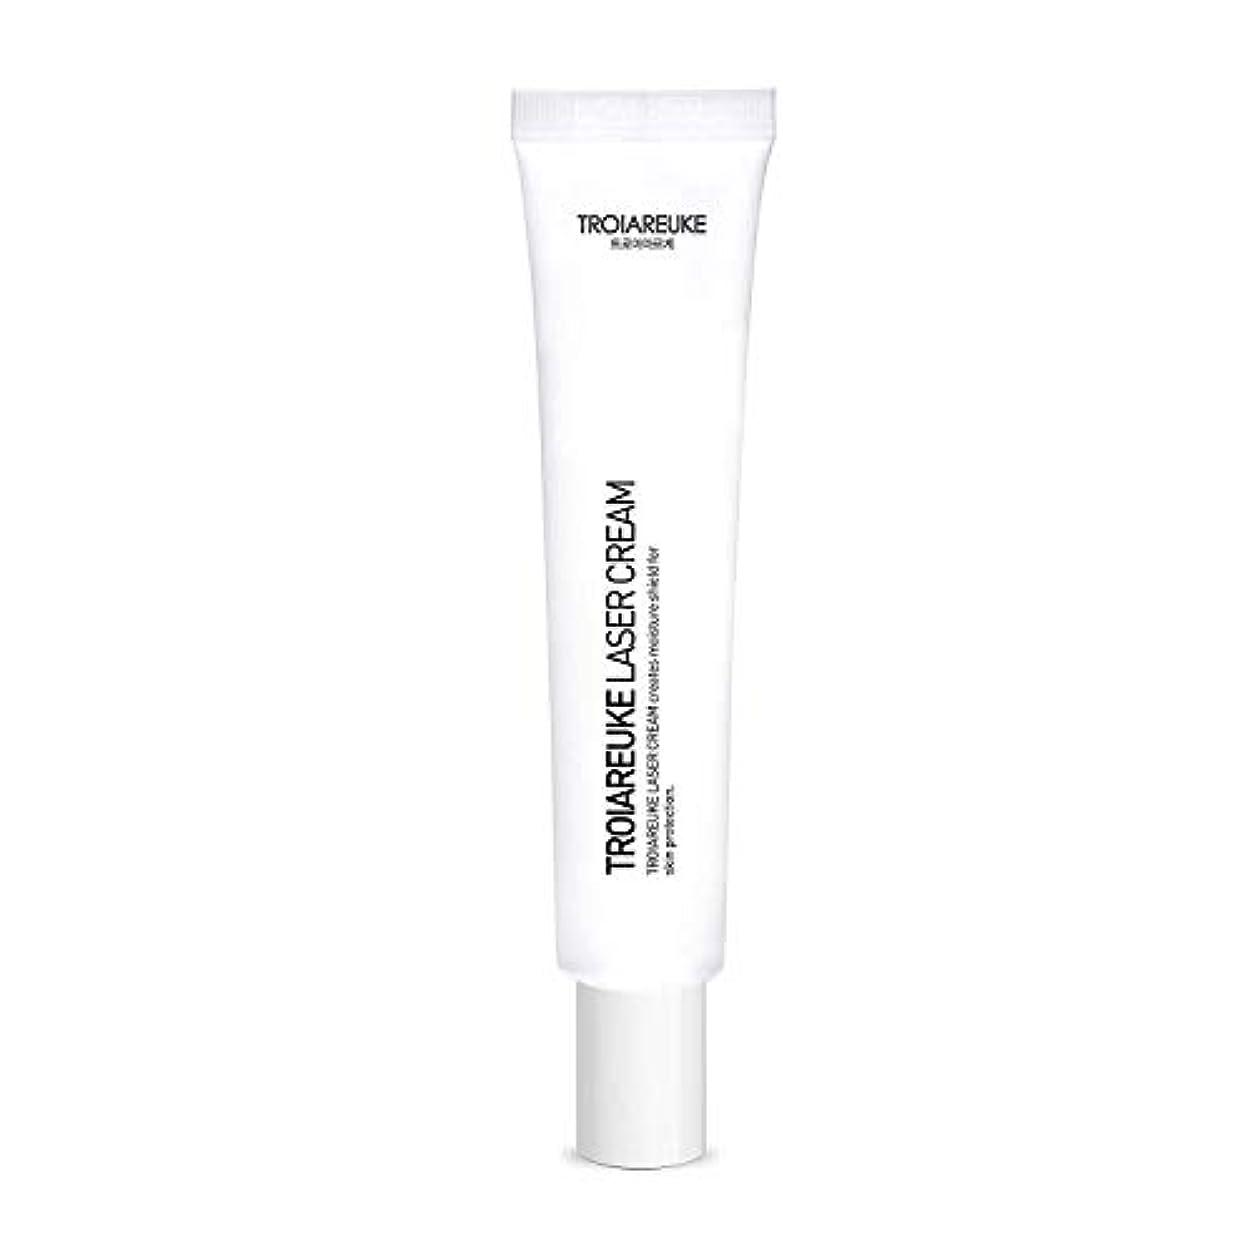 デンマーク語確率自慢Troiareuke(トロイアルケ) レーザークリーム/Laser Cream(25ml) [並行輸入品]